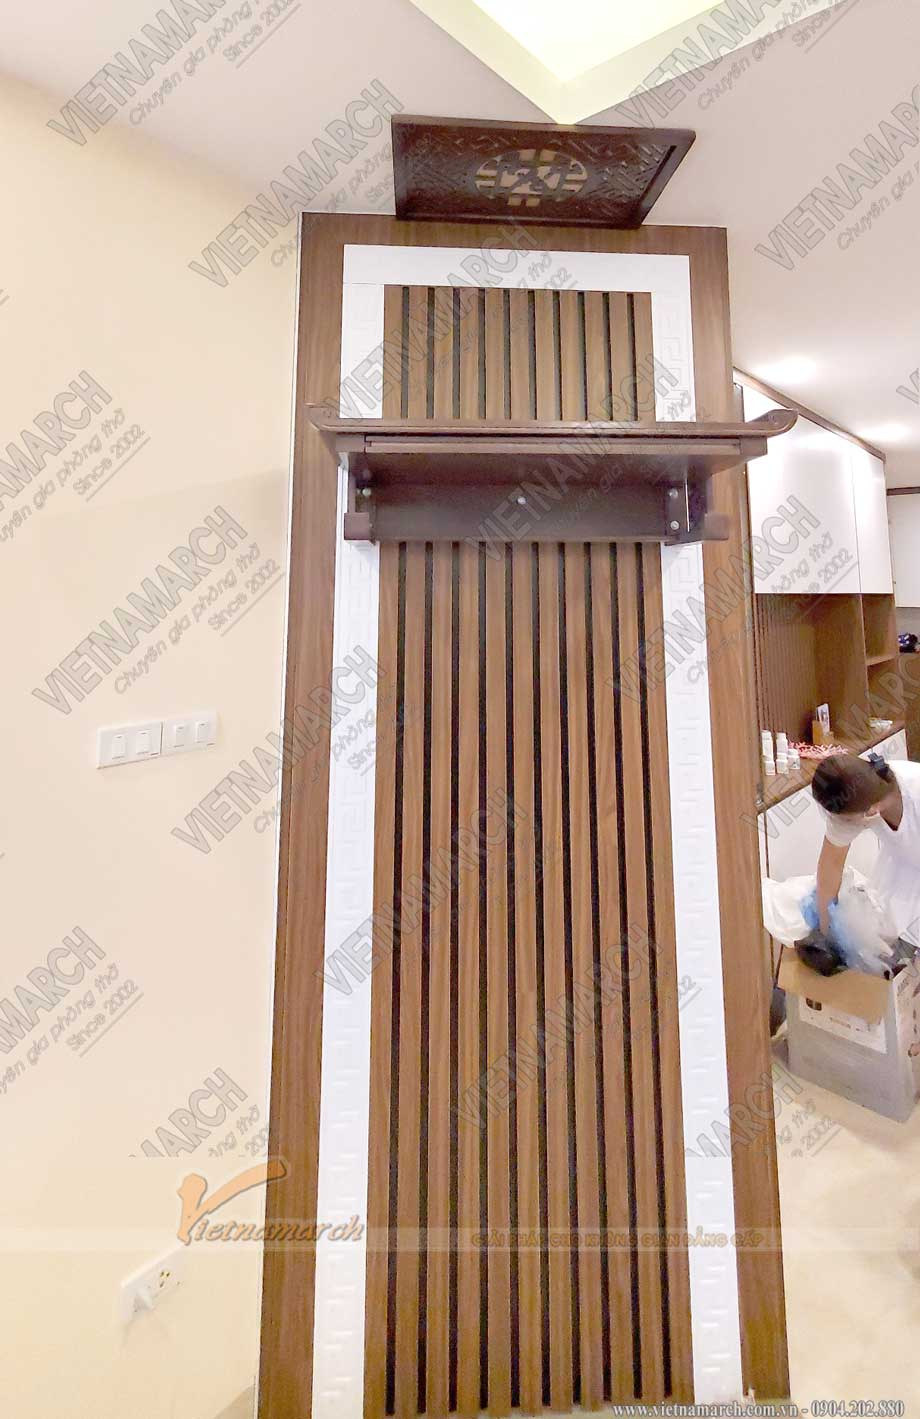 Mẫu bàn thờ treo đẹp BTT16 - Lựa chọn hàng đầu của các công ty thiết kế nội thất chung cư